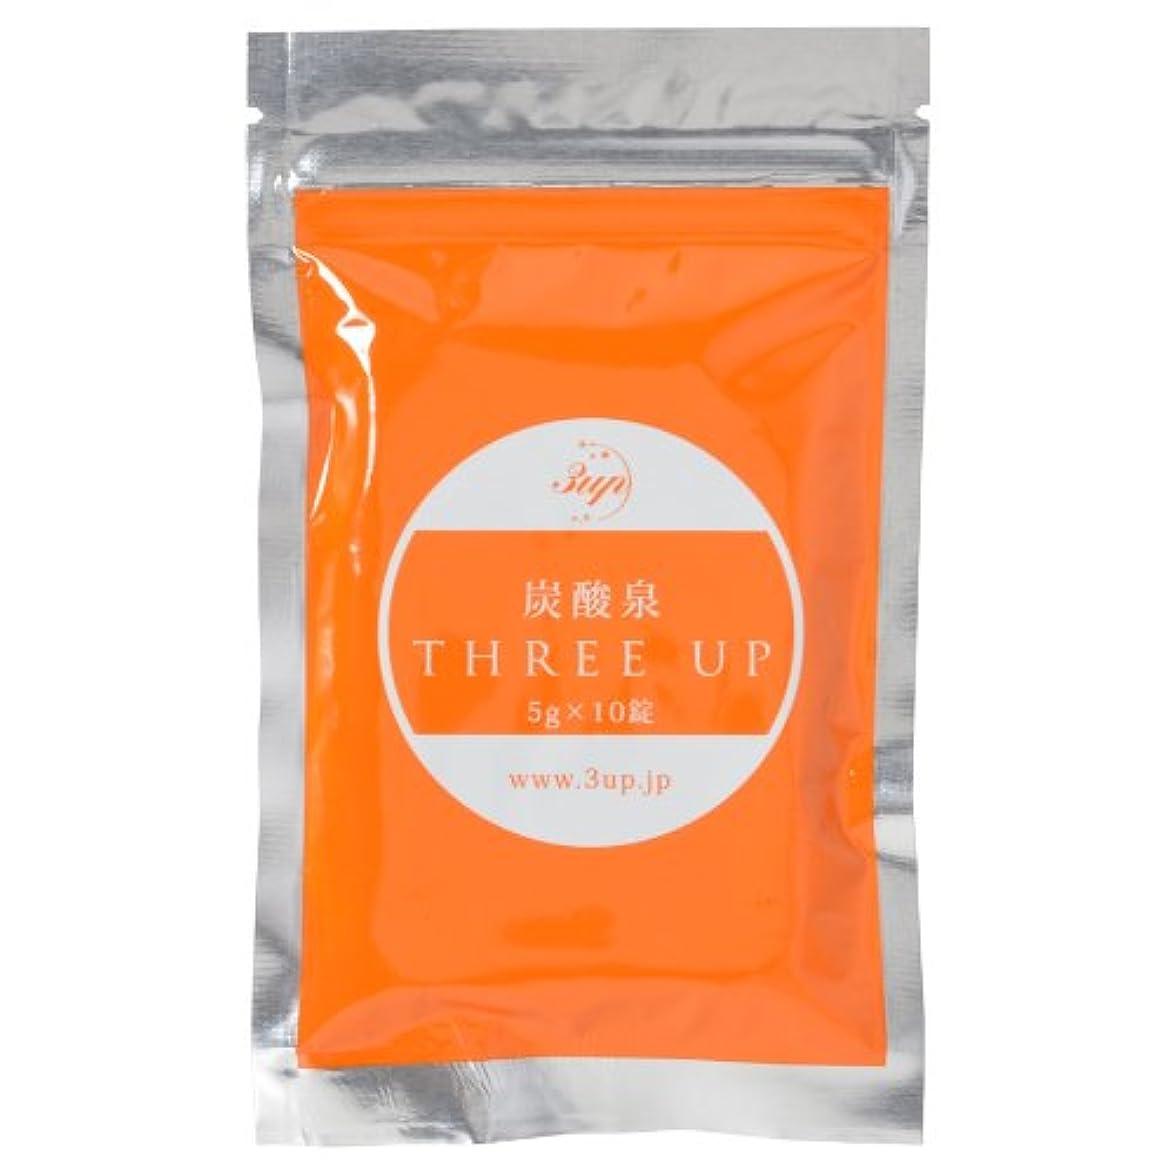 ハンディフィット粗い3upスリーアップ 重炭酸イオンタブレット(洗顔用) 1袋:5g×10錠